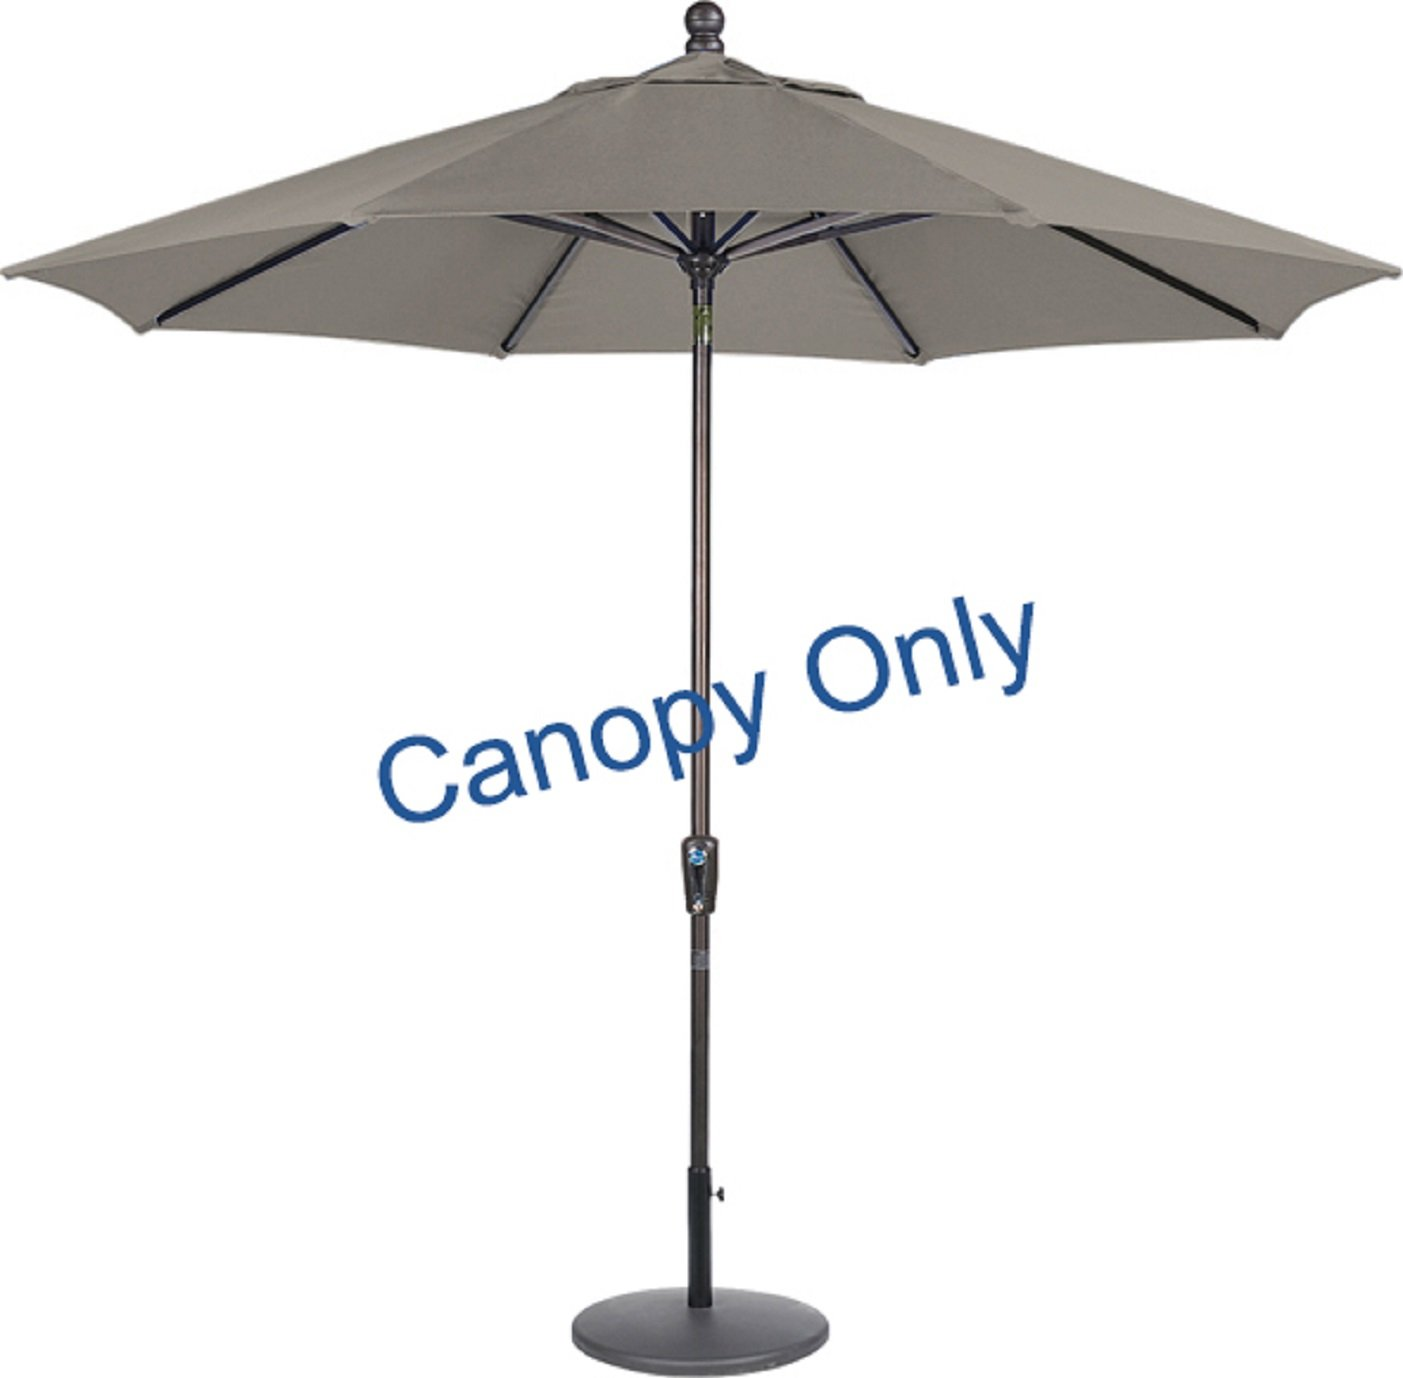 Galleon - 9ft 8 Ribs Market Umbrella Replacement Canopy (Sunbrella- Graphite)  sc 1 st  Galleon & Galleon - 9ft 8 Ribs Market Umbrella Replacement Canopy (Sunbrella ...